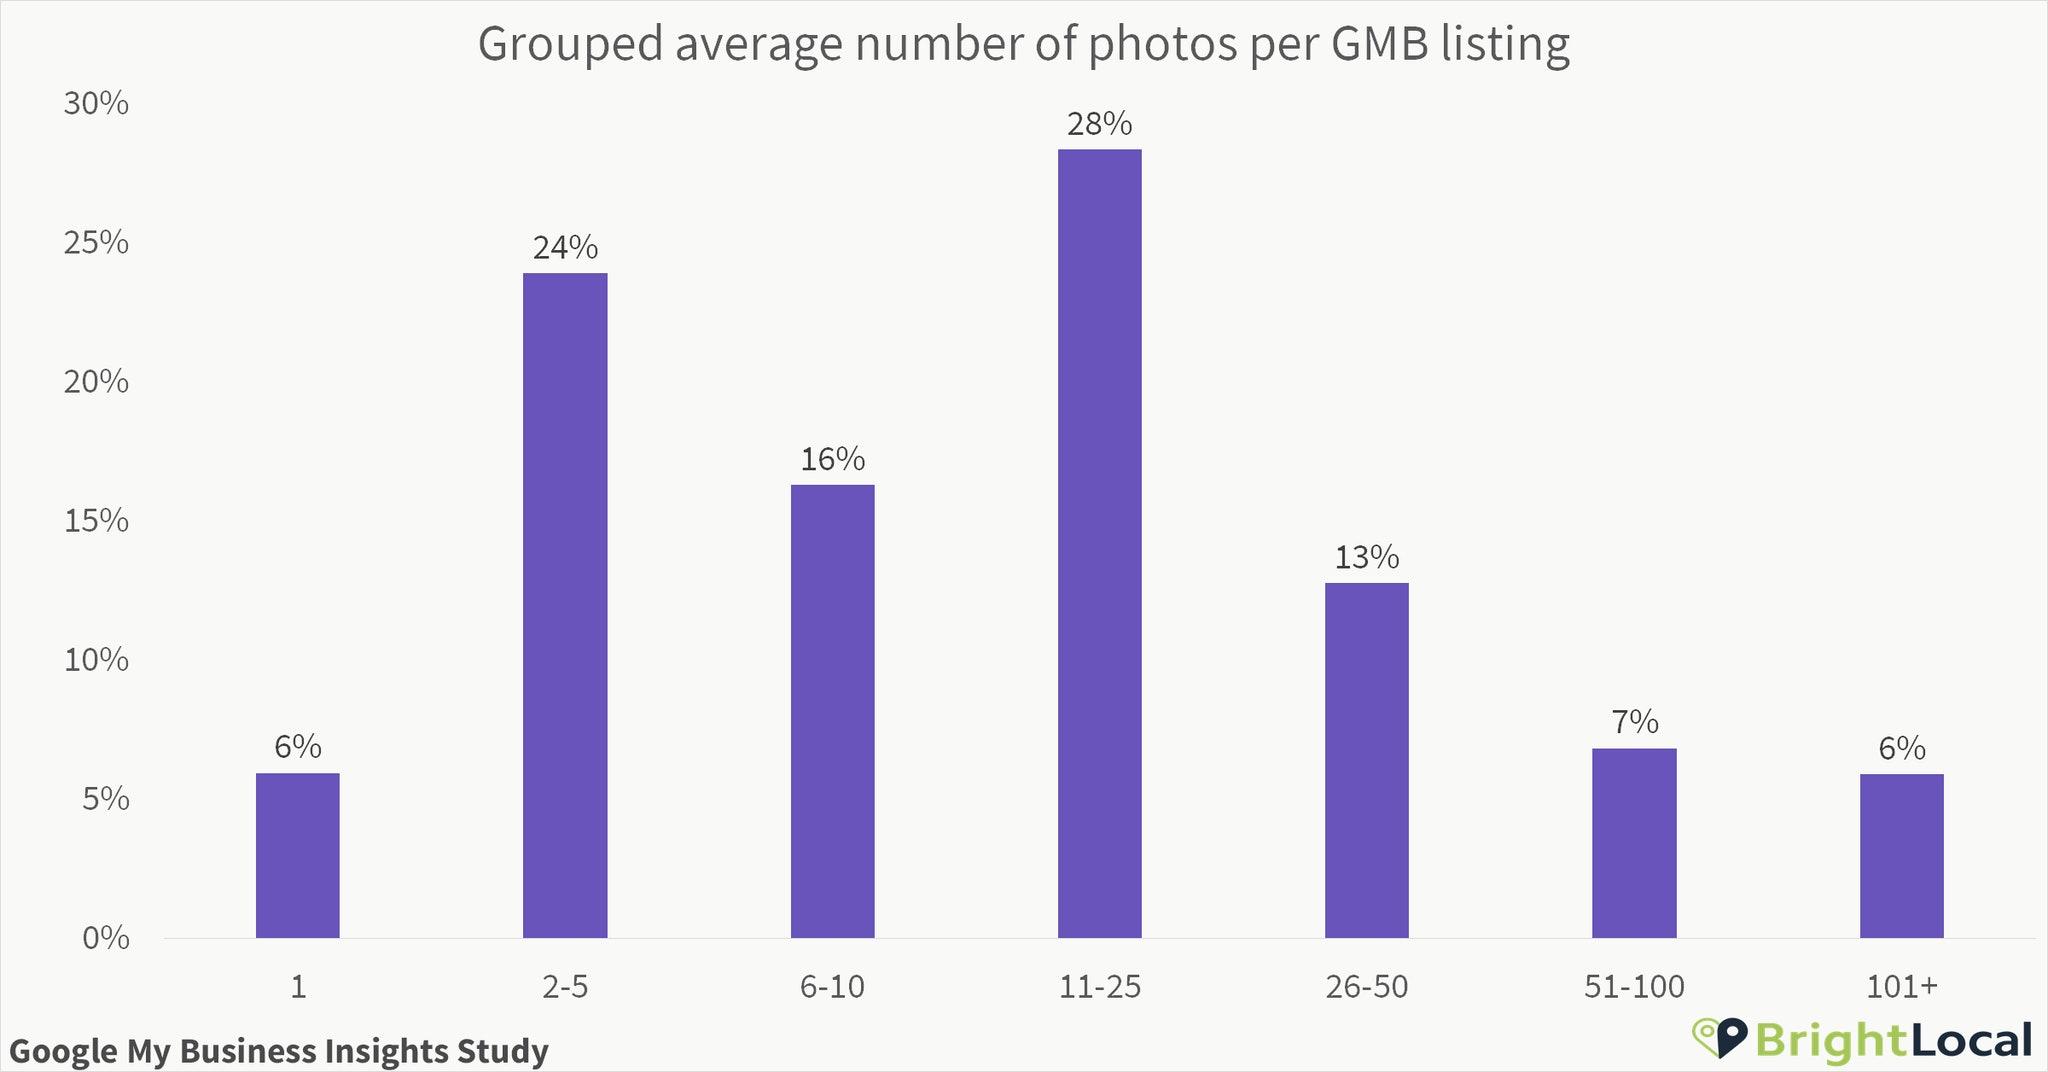 Durchschnittliche Anzahl von Fotos auf GMB-Listen